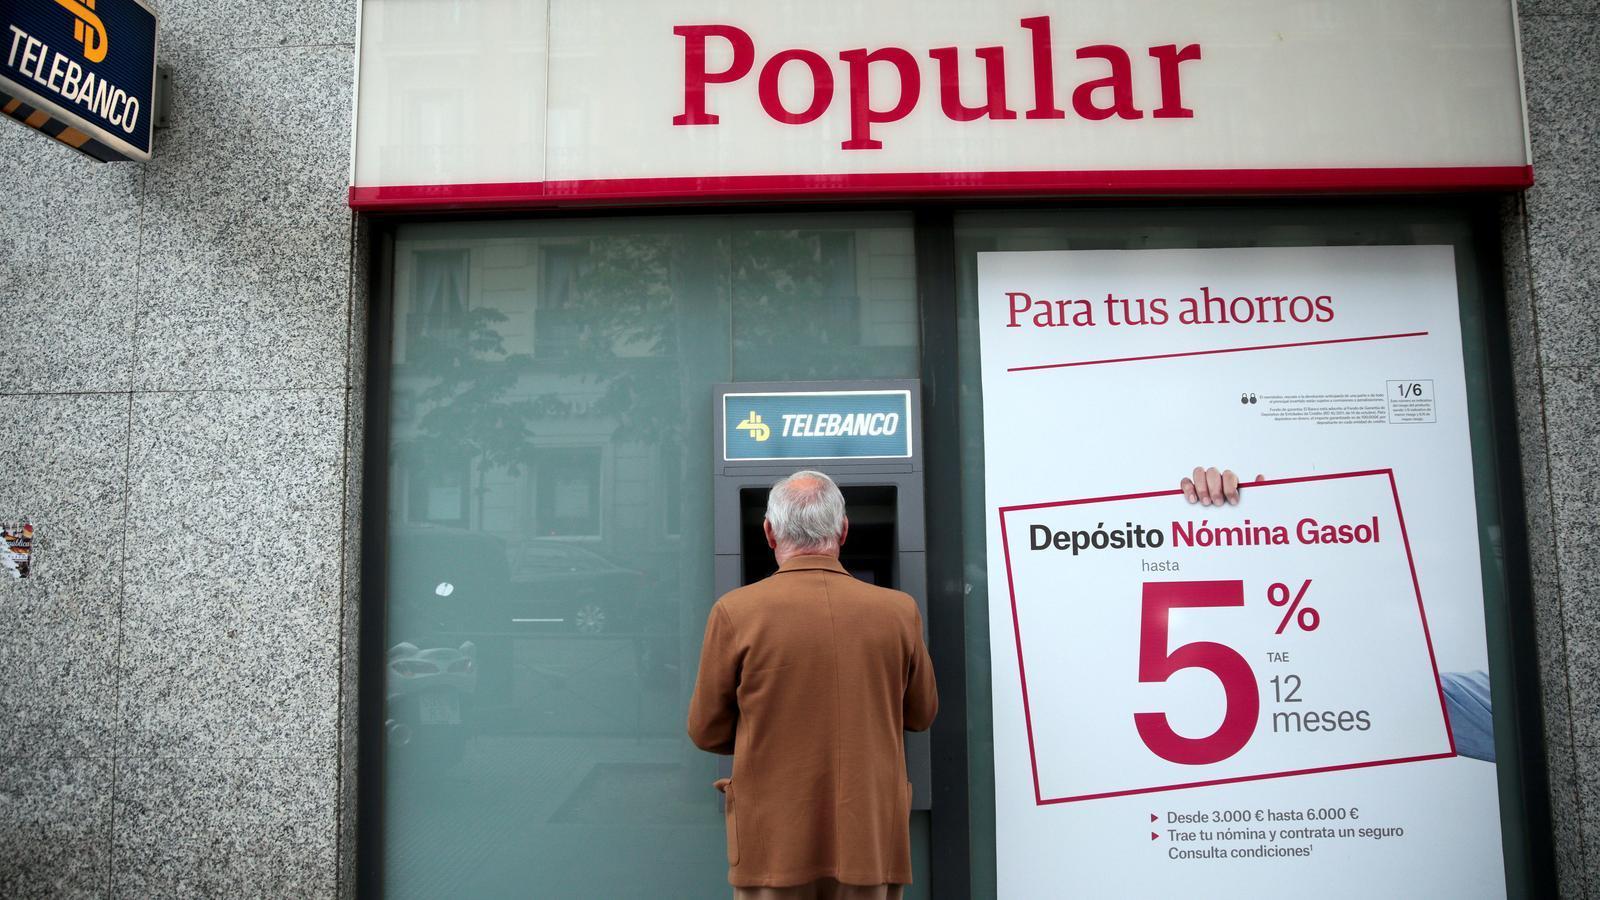 12.000 afectats per la venda del Popular han presentat queixes a les autoritats europees